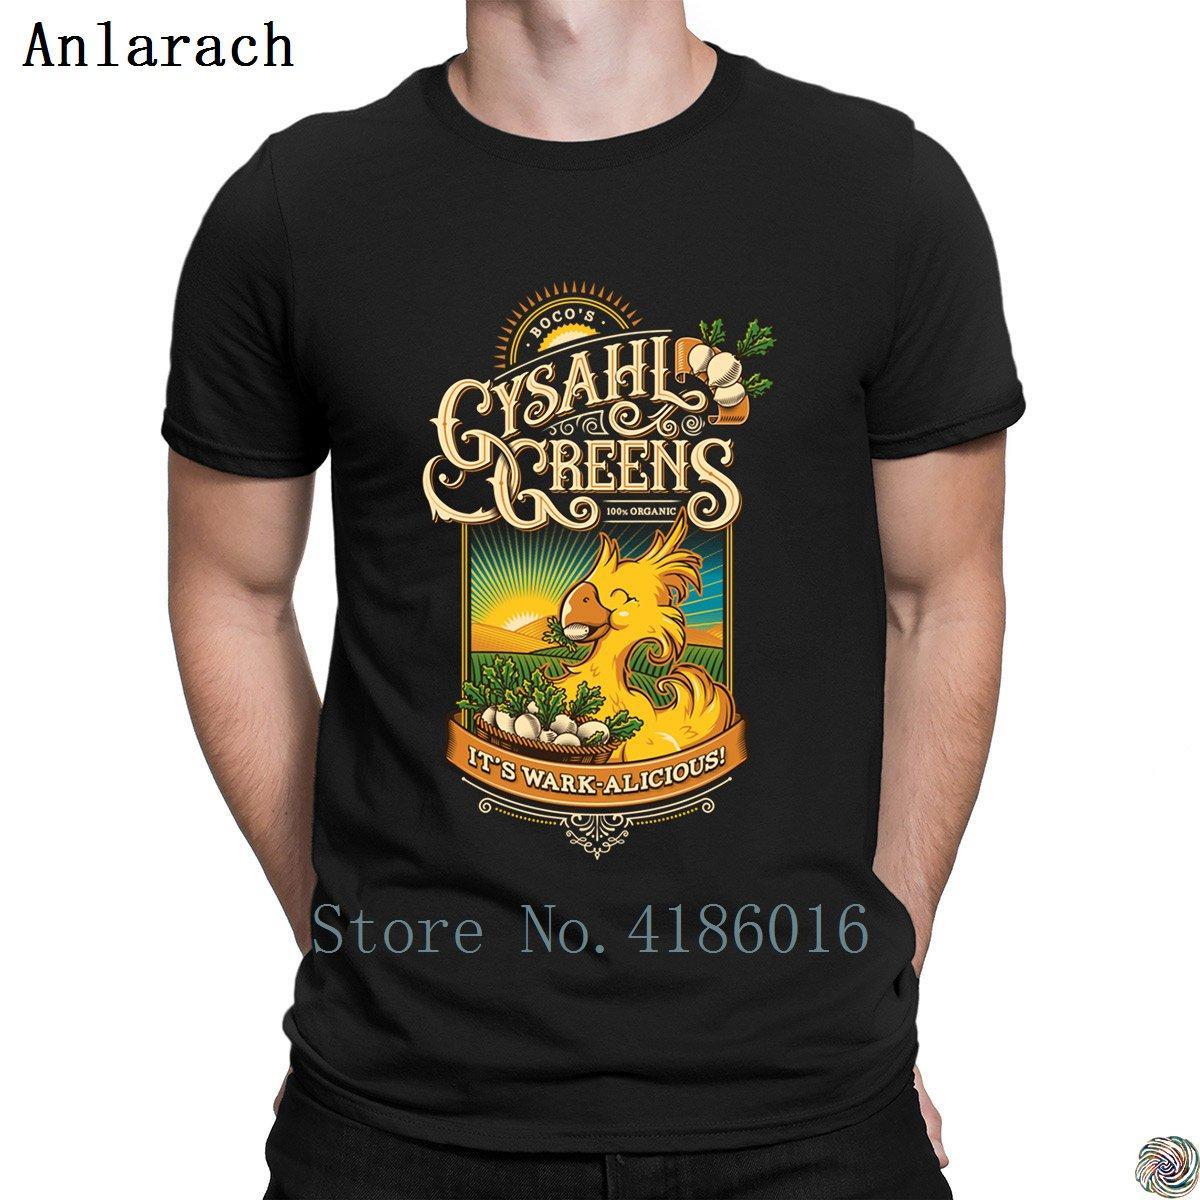 Boyun Anlarach Tee üstleri yuvarlak erkekler Boş tasarımcısı Wark alicious tshirt Popüler sloganı giyim Yaz Stili tshirt